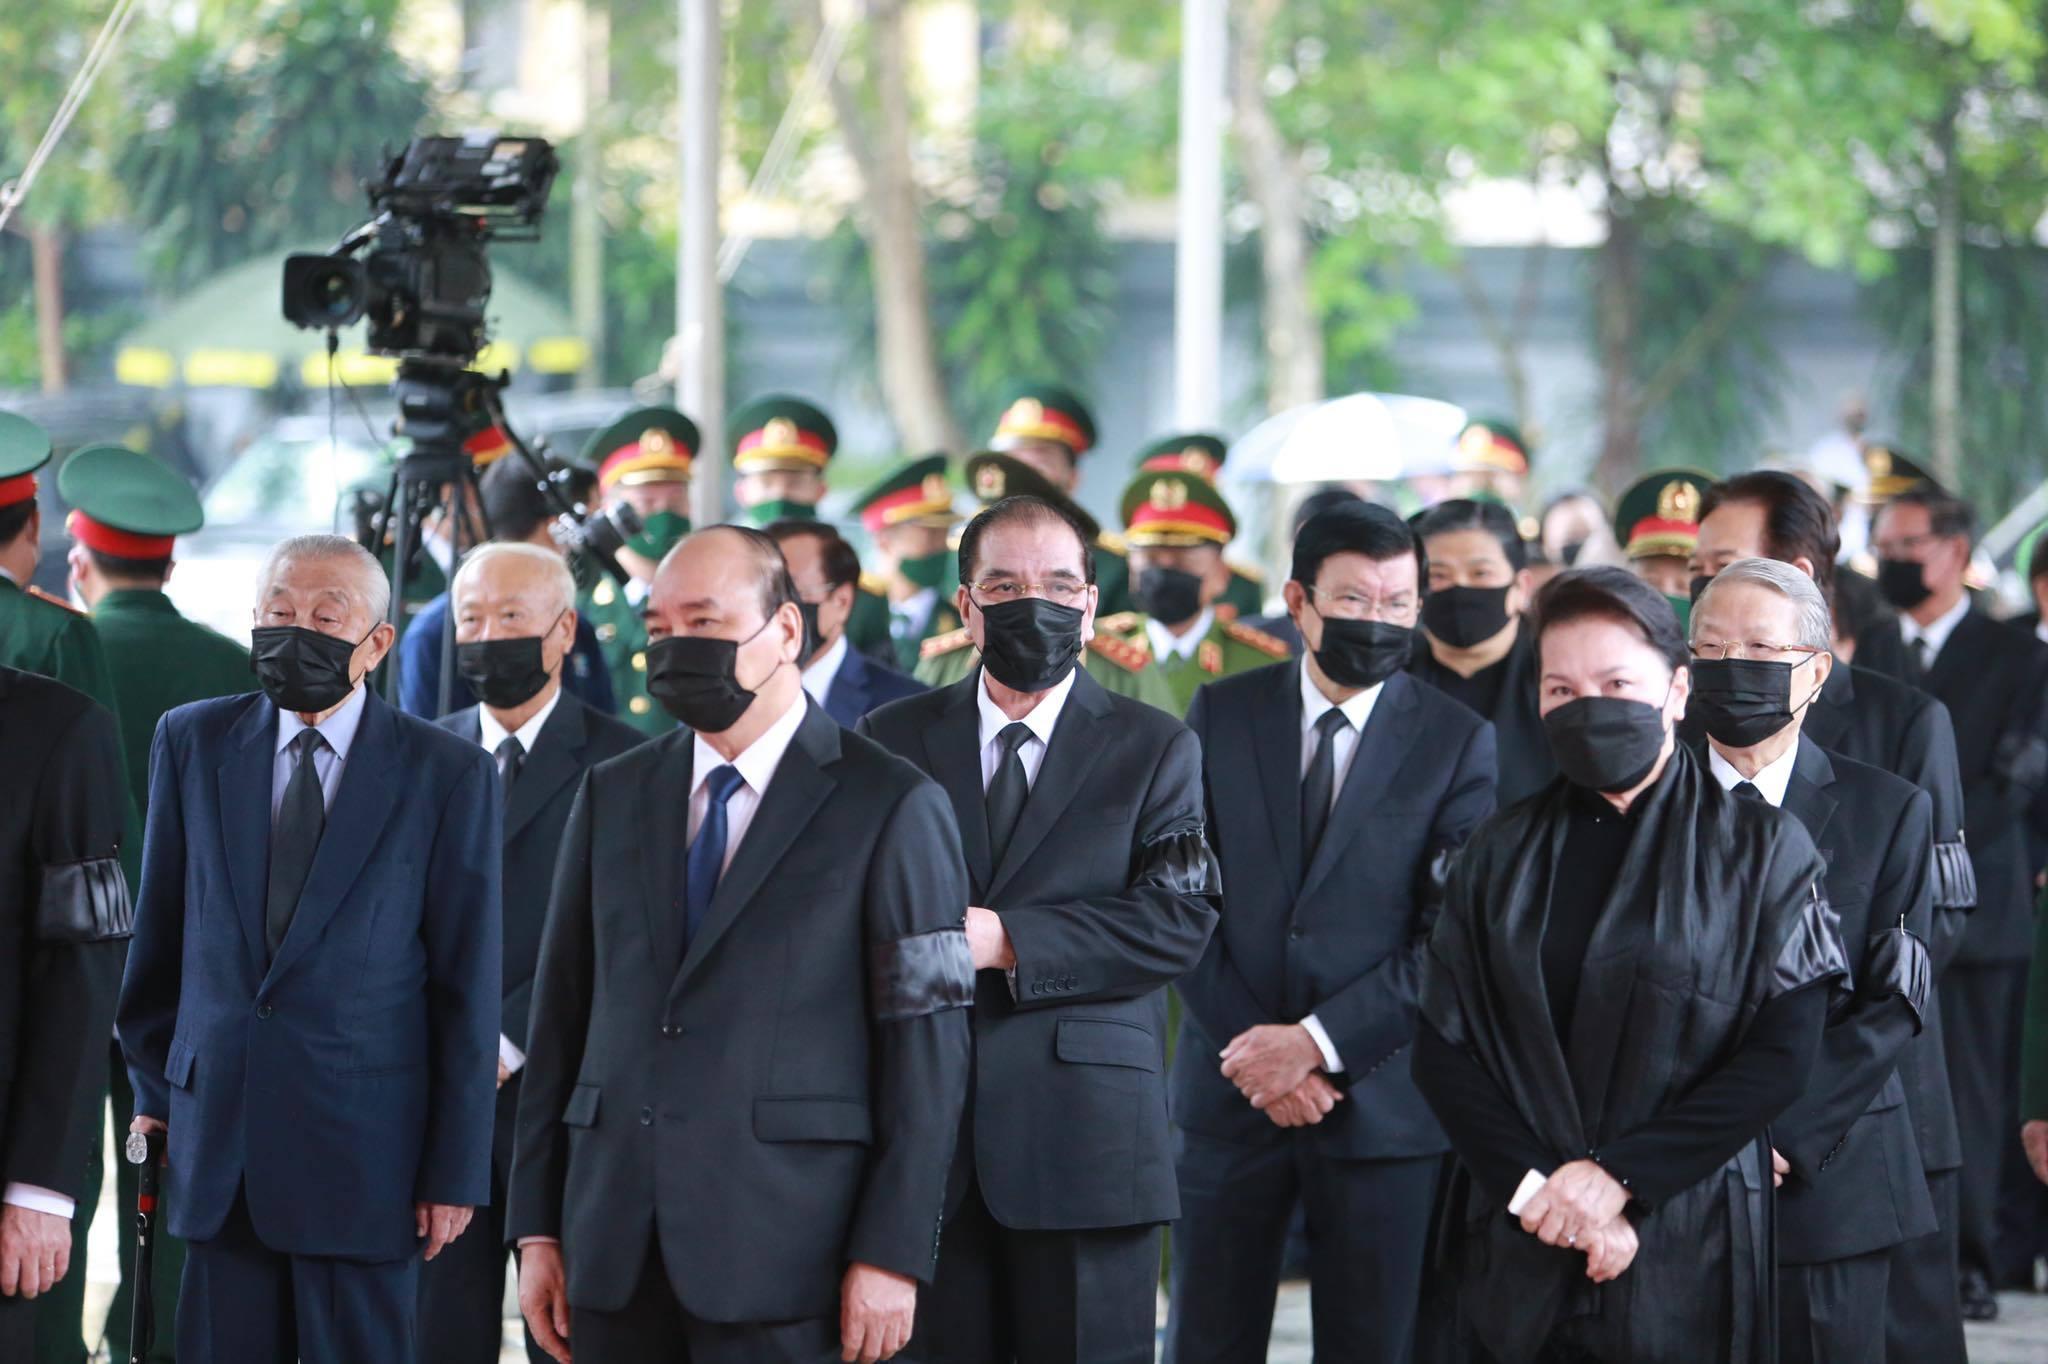 Thủ tướng, Chủ tịch QH viếng nguyên Tổng Bí thư Lê Khả Phiêu